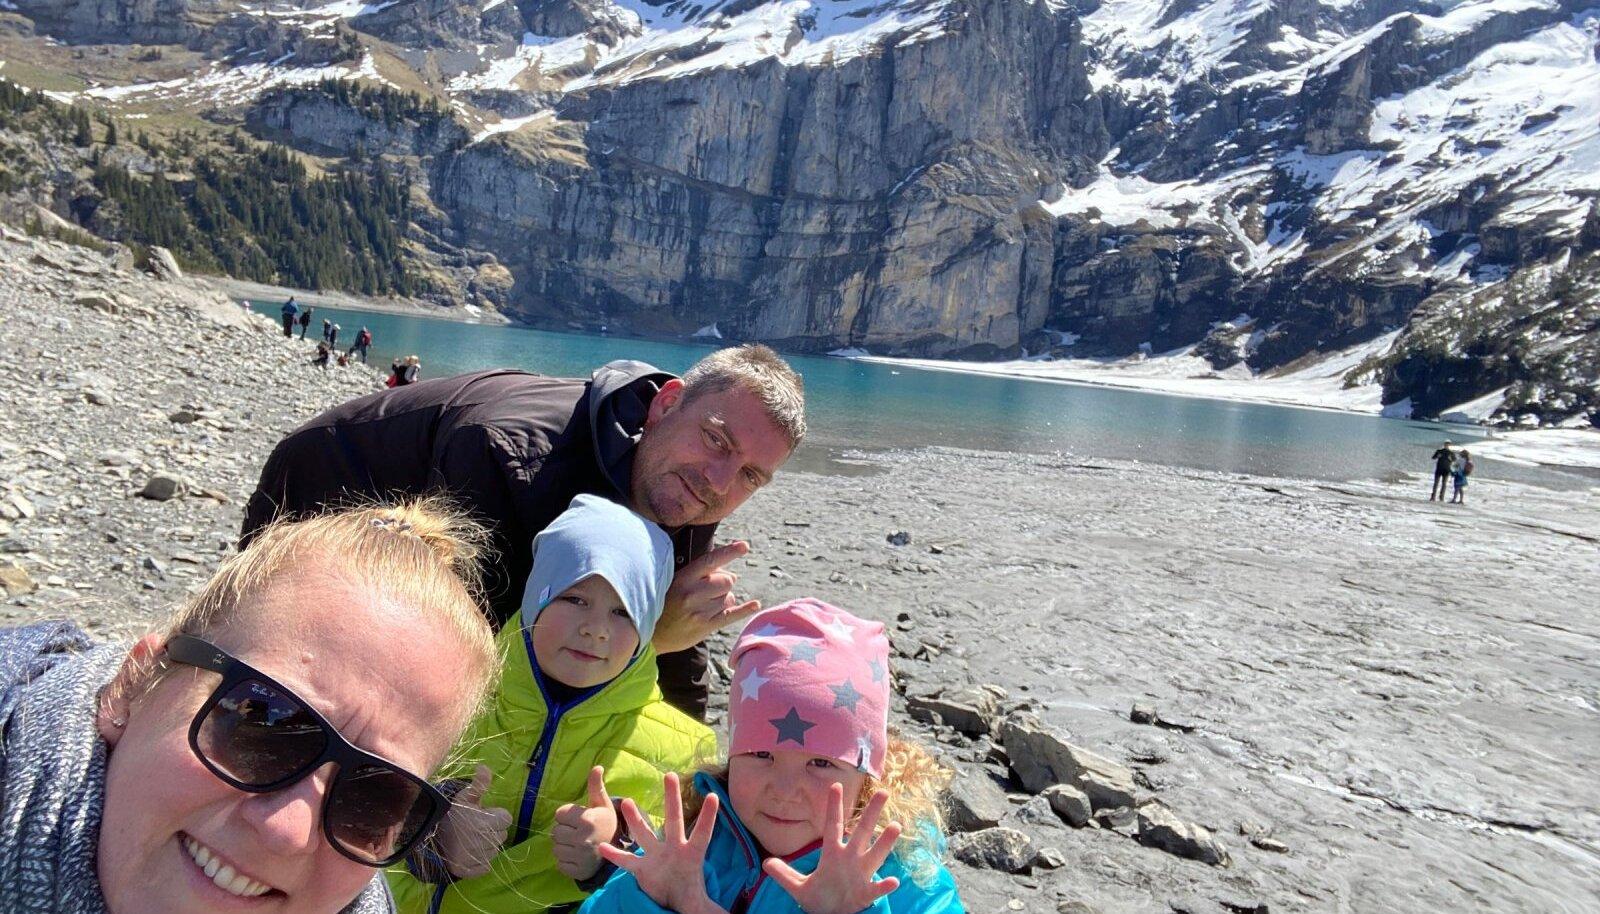 Piret ja Thorsten lastega Alpide ilusaima mägijärve Oeschineni juures.